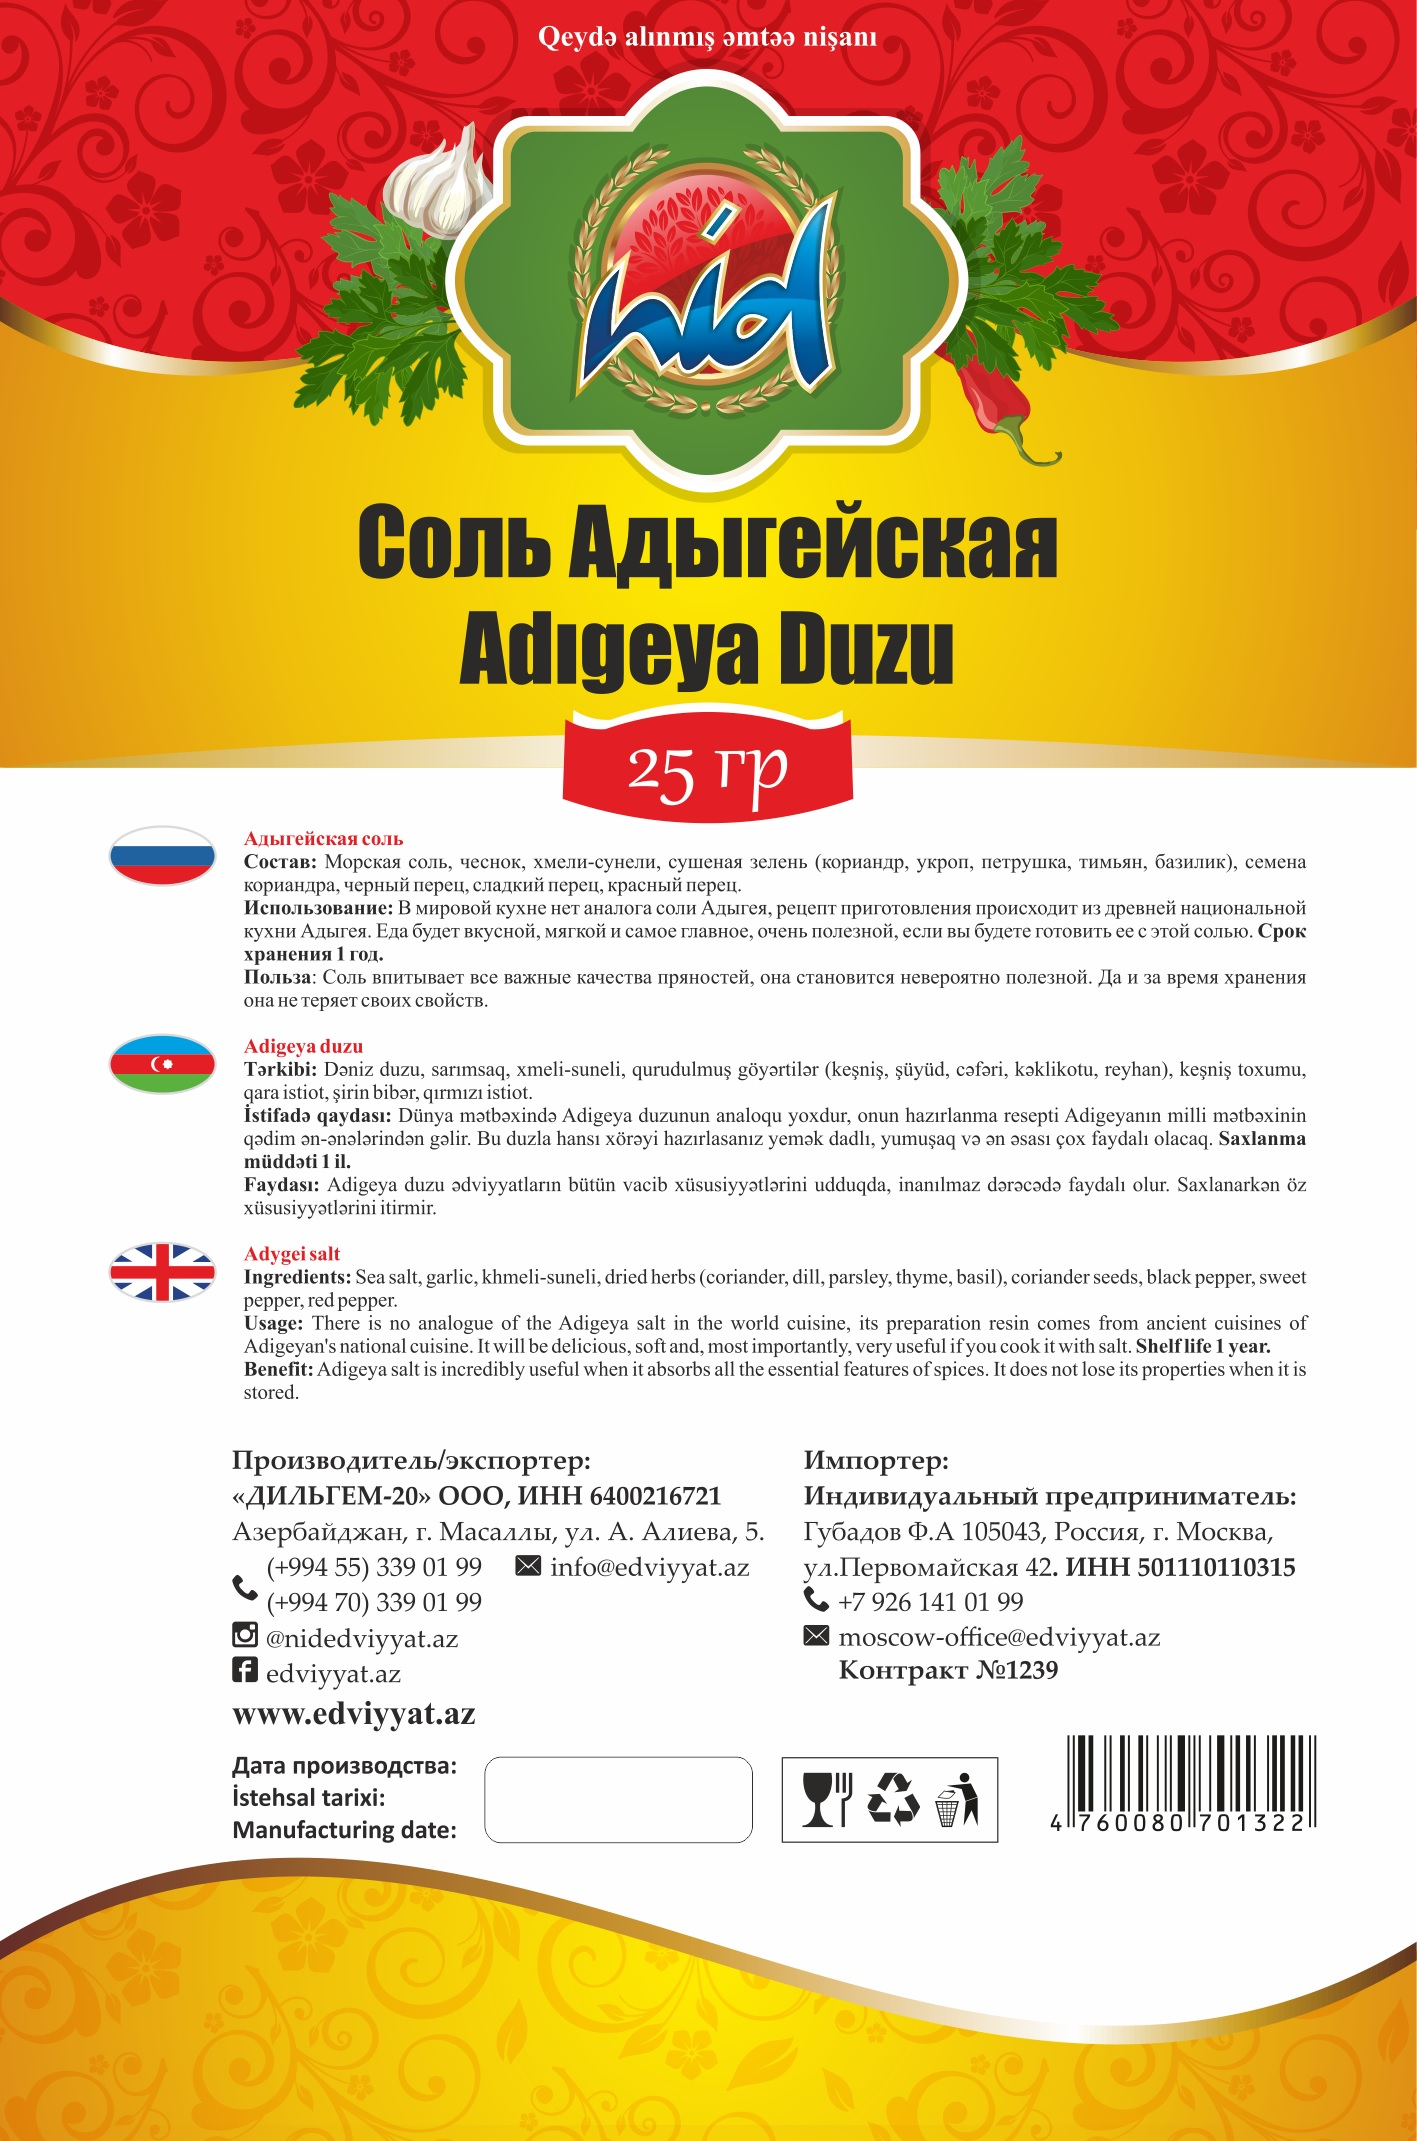 sol_adygejskaya_nid